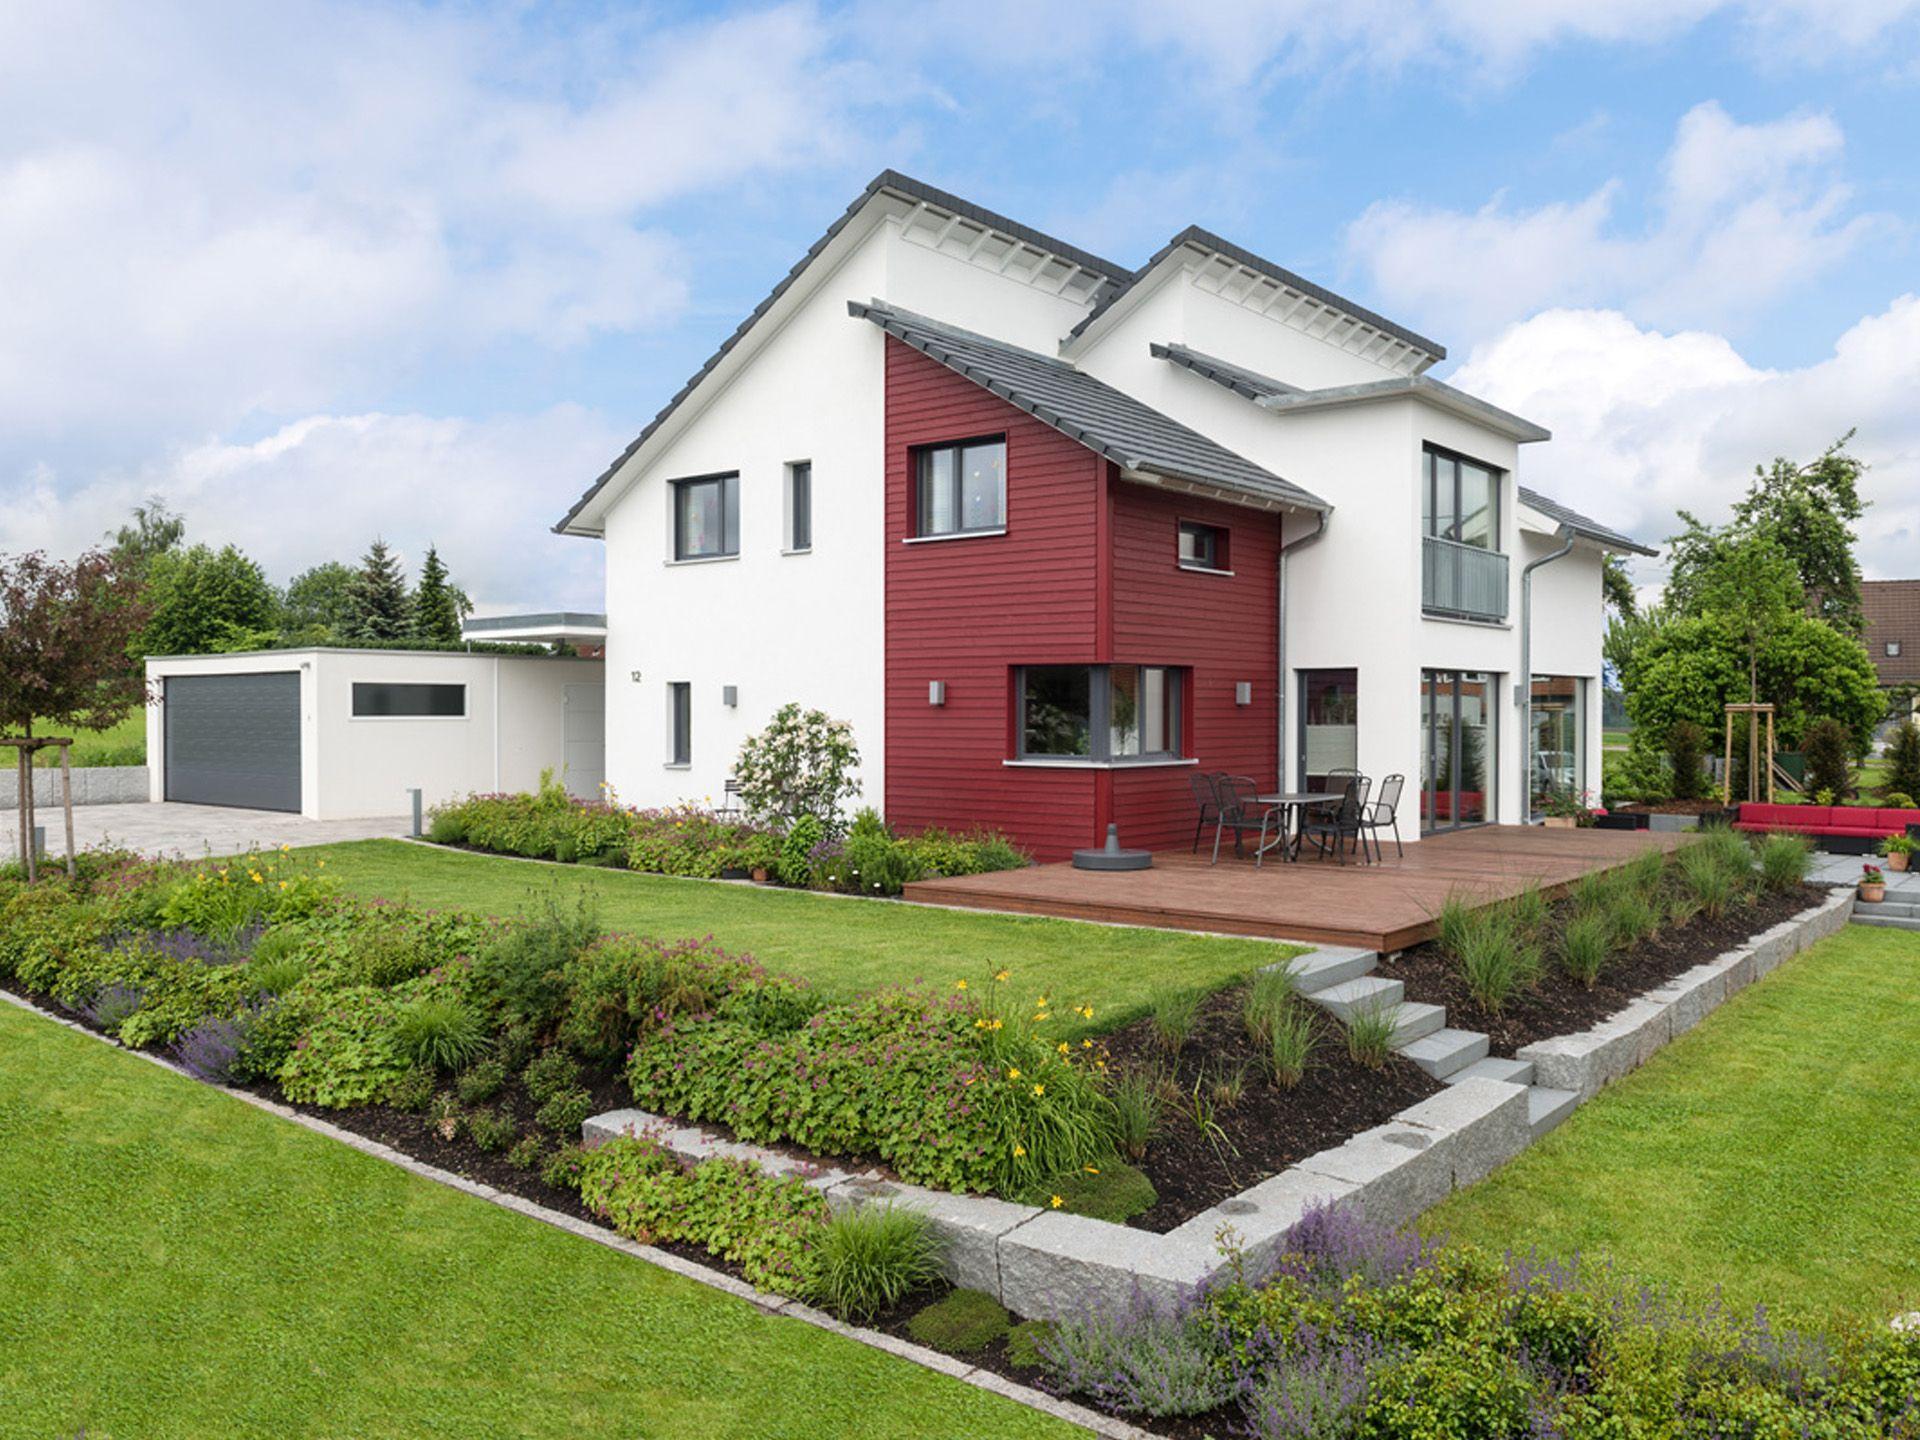 Design holzhaus  Haus Design 182 • Holzhaus von Frammelsberger • Ökologisch und ...